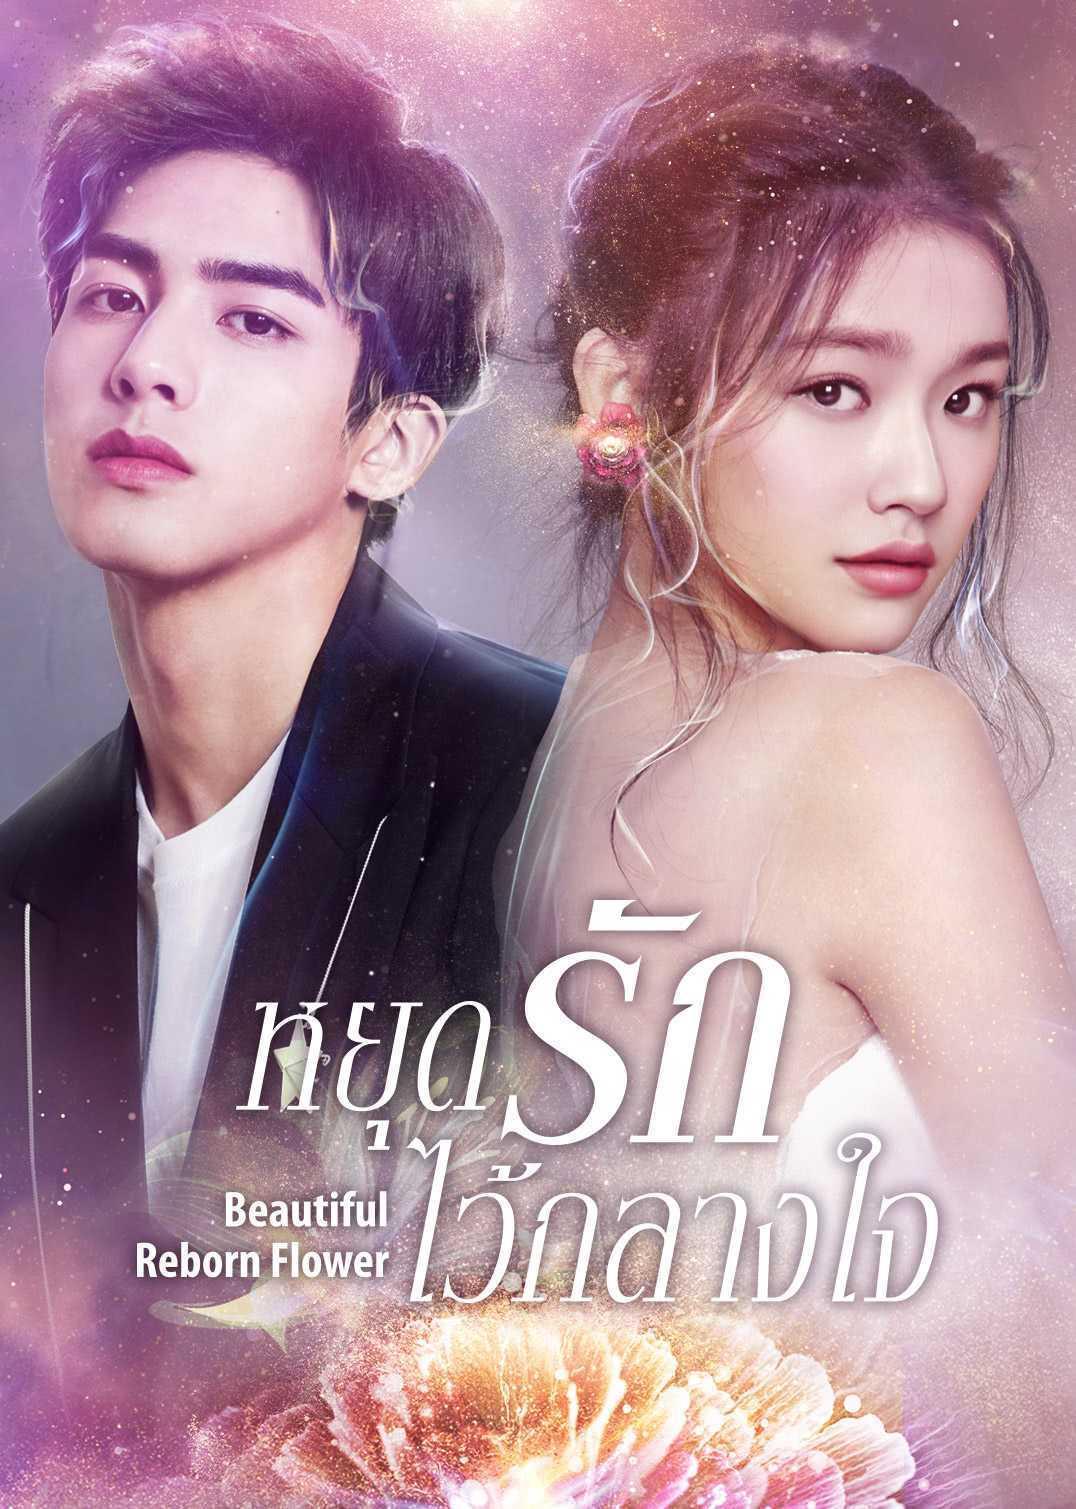 หยุดรักไว้กลางใจ-beautiful-reborn-flower-9vomuj-ซับไทย-ตอนที่-1-22-ยังไม่จบ-